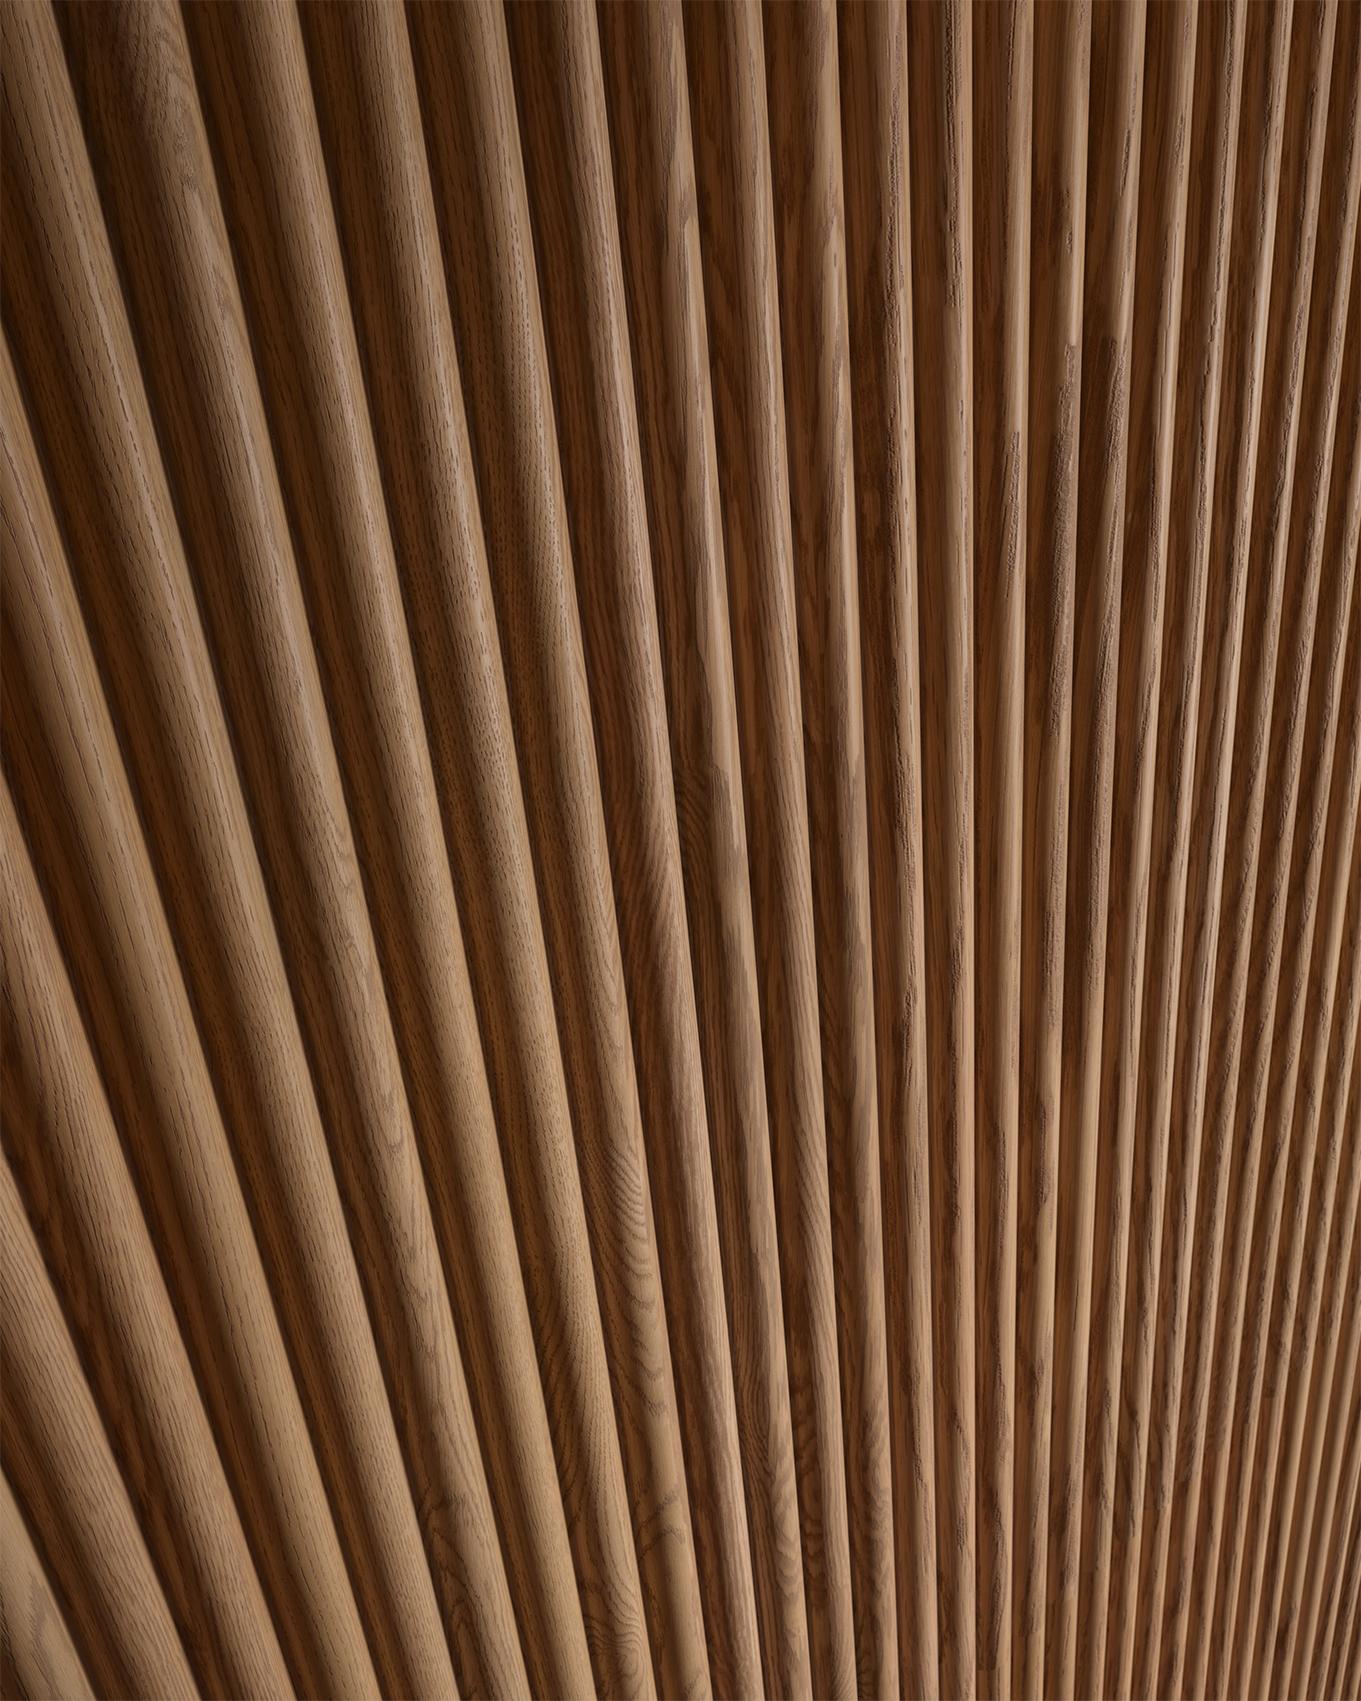 bosierie-effetto-3d-onda-rovere-terra-garofoli